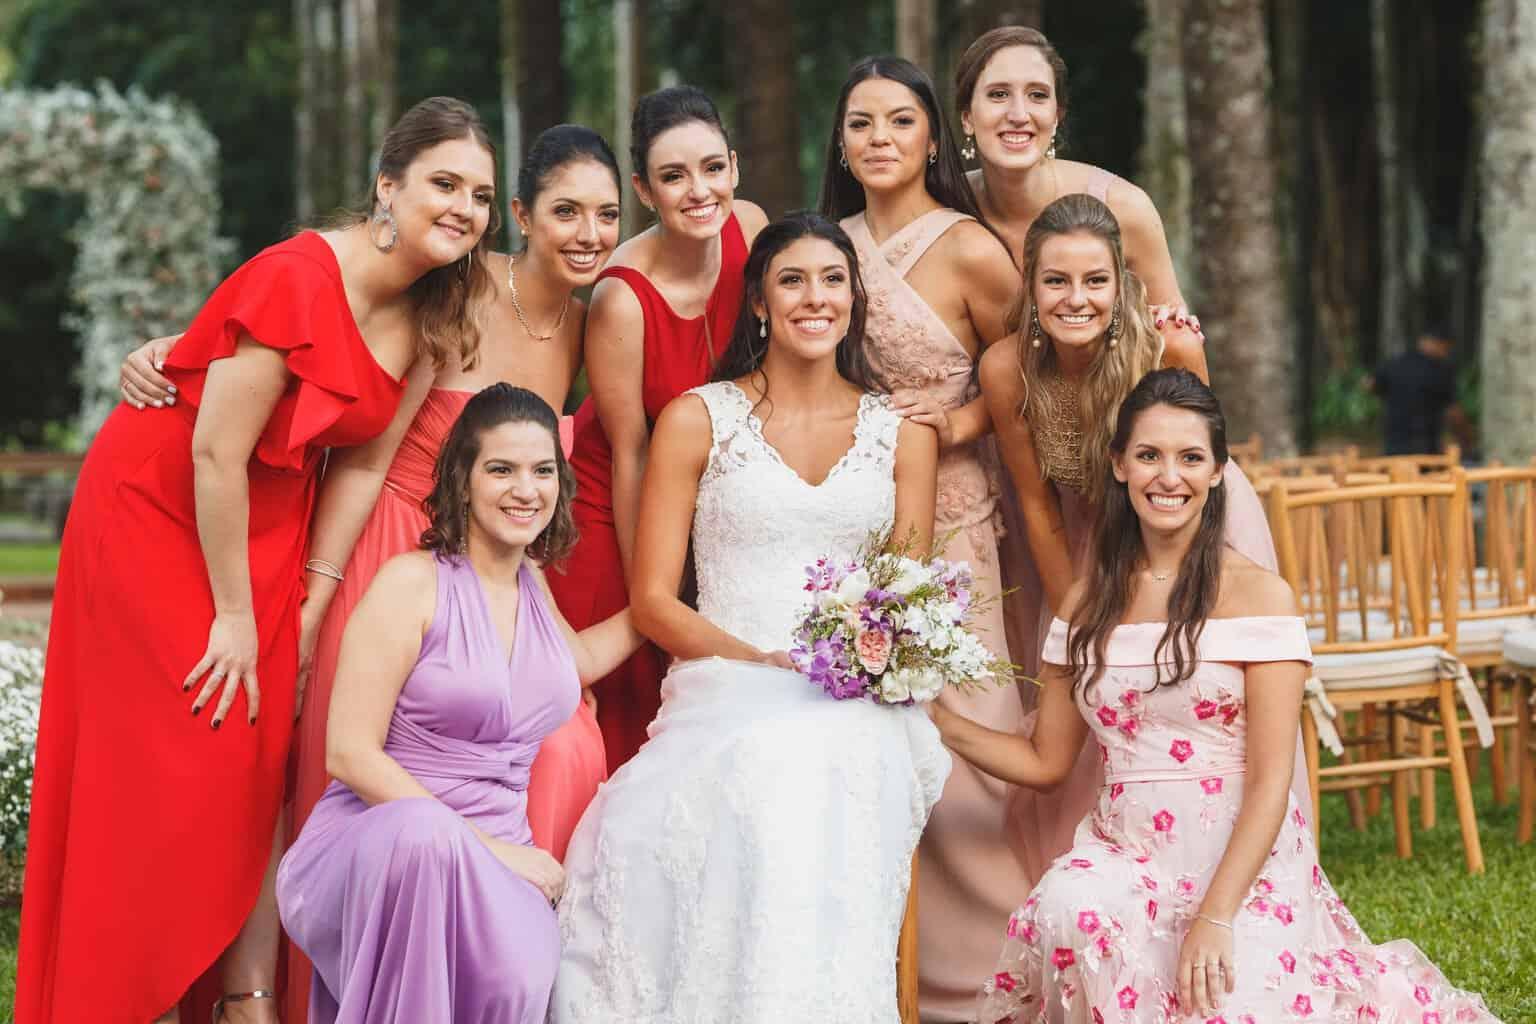 casamento-na-Fazenda-Vila-Rica-cerimonial-Ana-Paula-Tabet-Fotografia-Euka-Weddings-madrinhas-padrinhos-Renata-e-Gabriel112